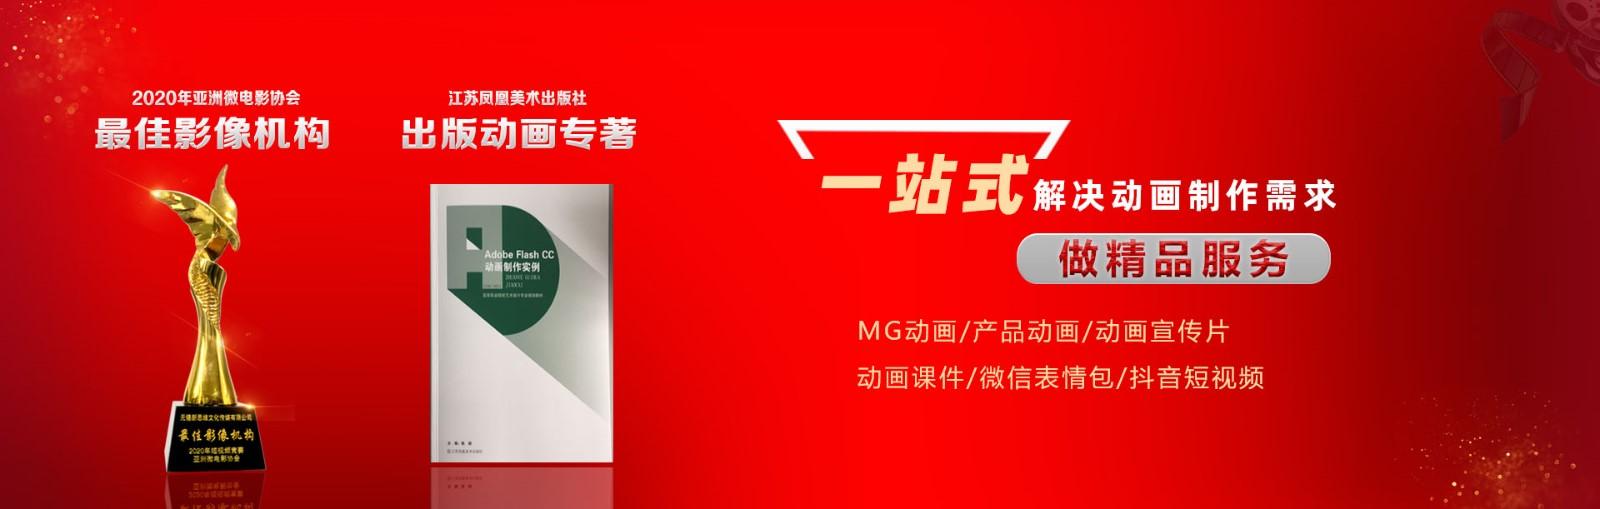 上海flash宣传动画制作_苏州传媒费用-无锡新思维文化传媒有限公司